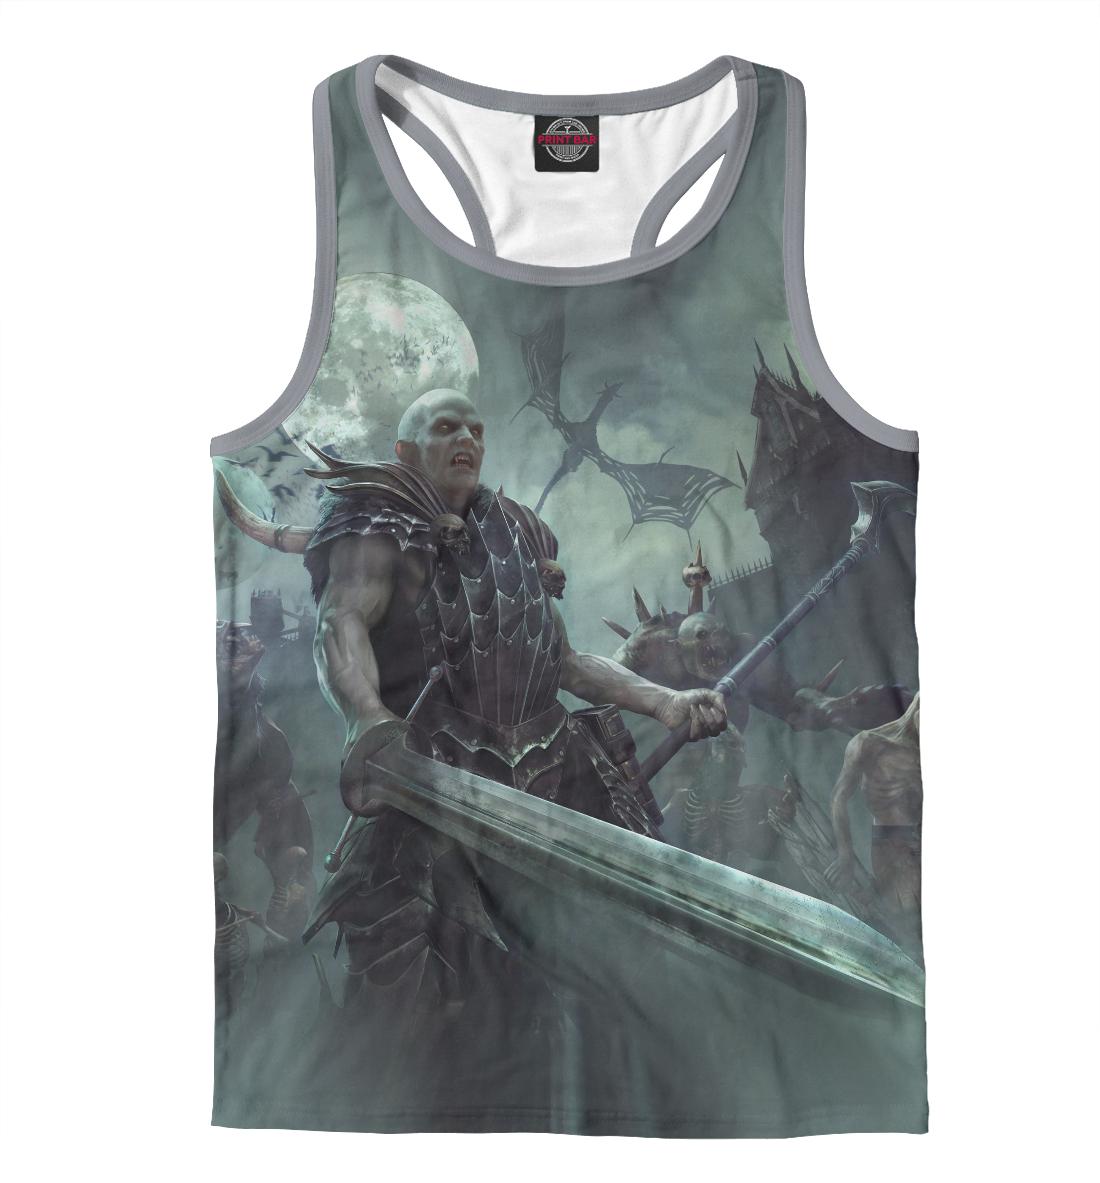 Купить Warhammer. Вампир, Printbar, Майки борцовки, WHR-417575-mayb-2